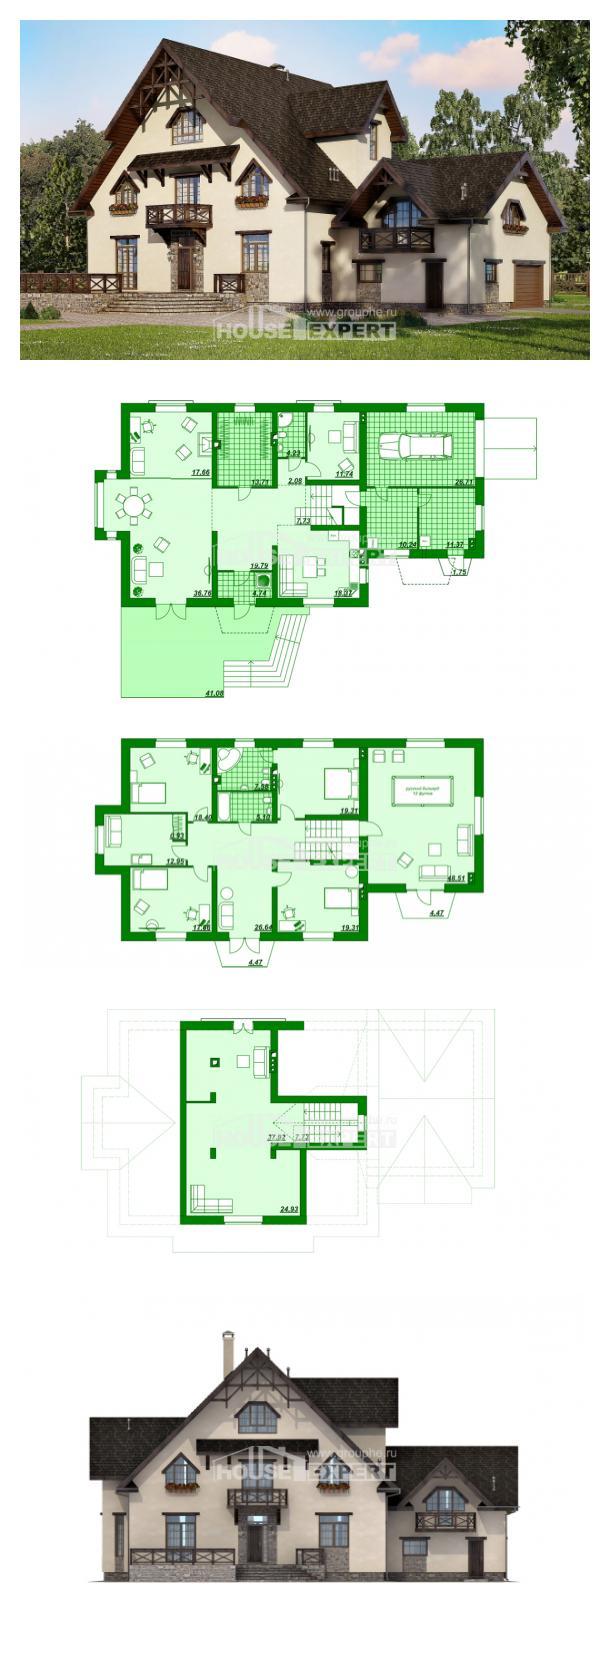 Проект дома 435-002-П   House Expert